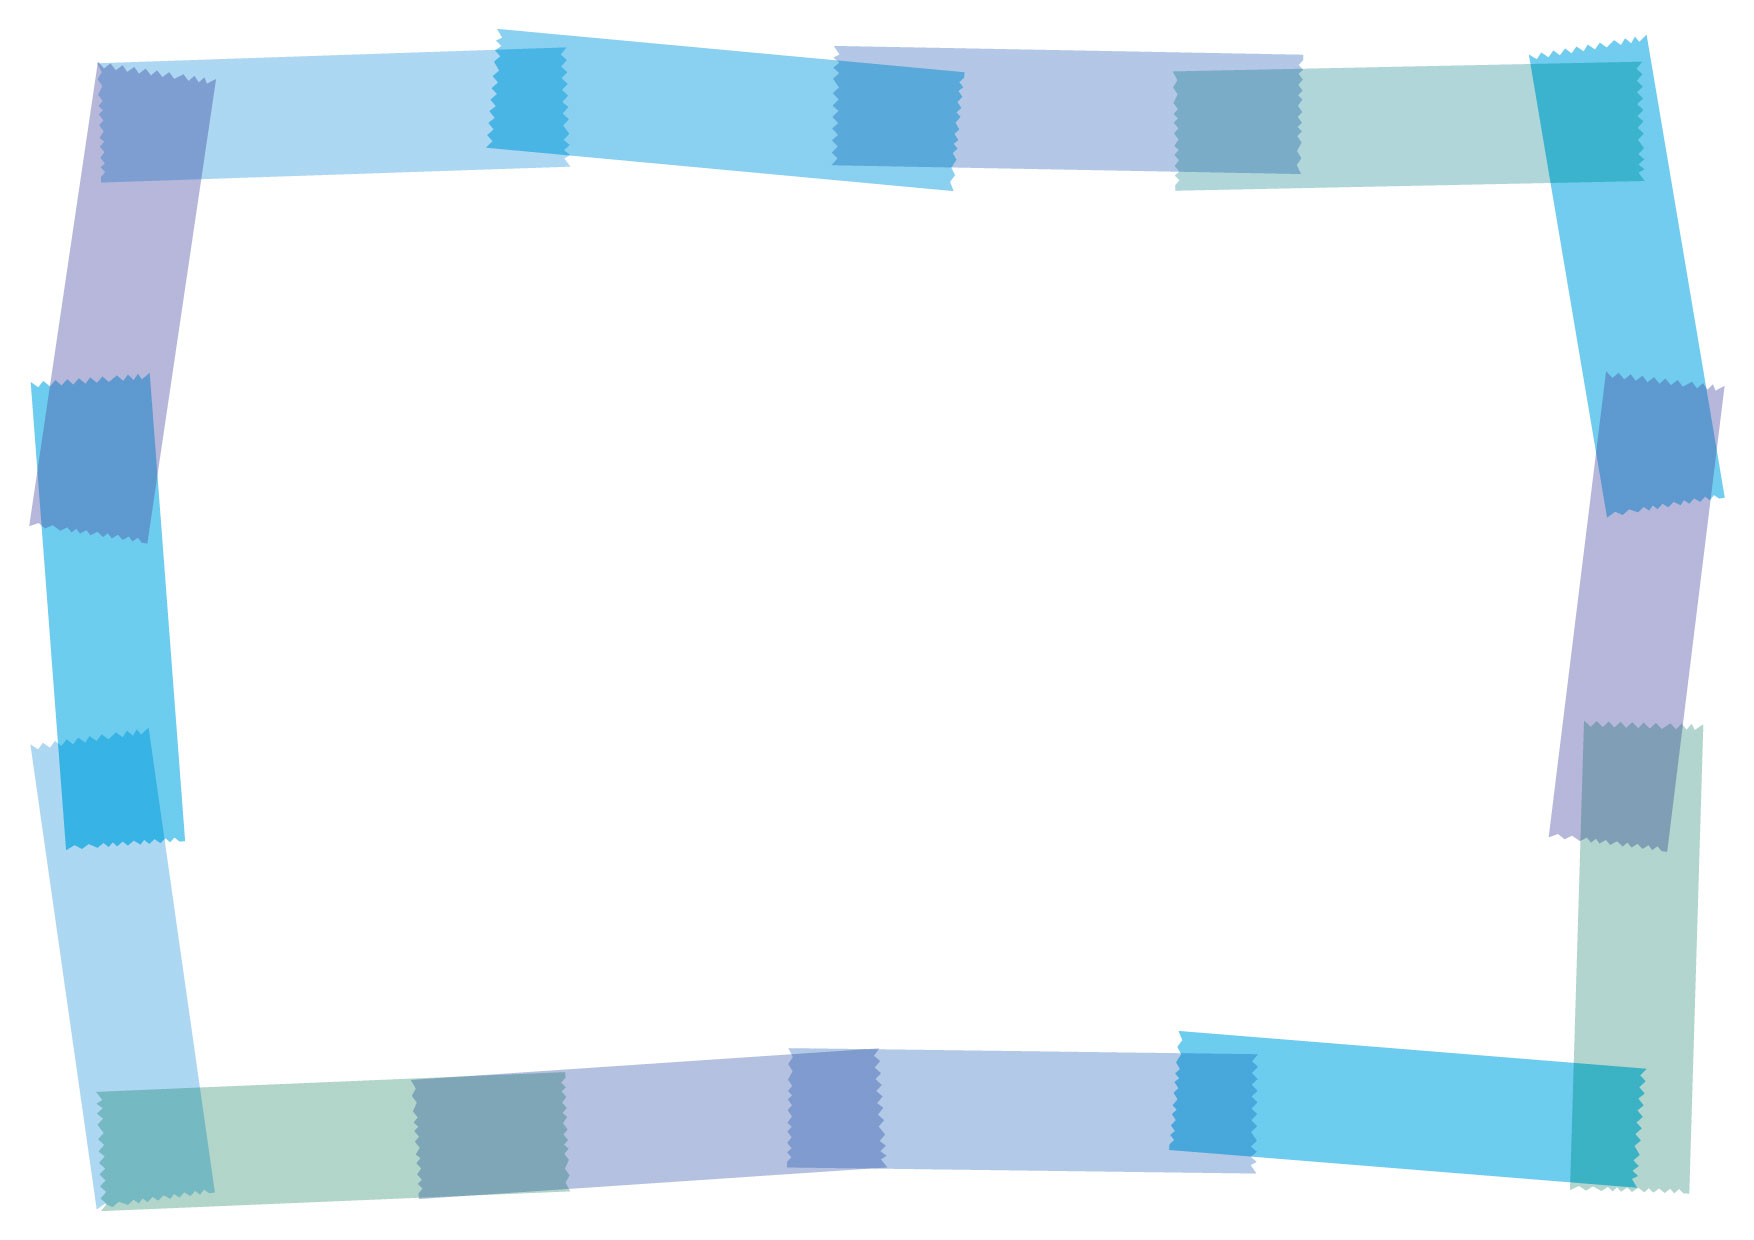 マスキングテープ フレーム 青 イラスト 無料 | イラストダウンロード